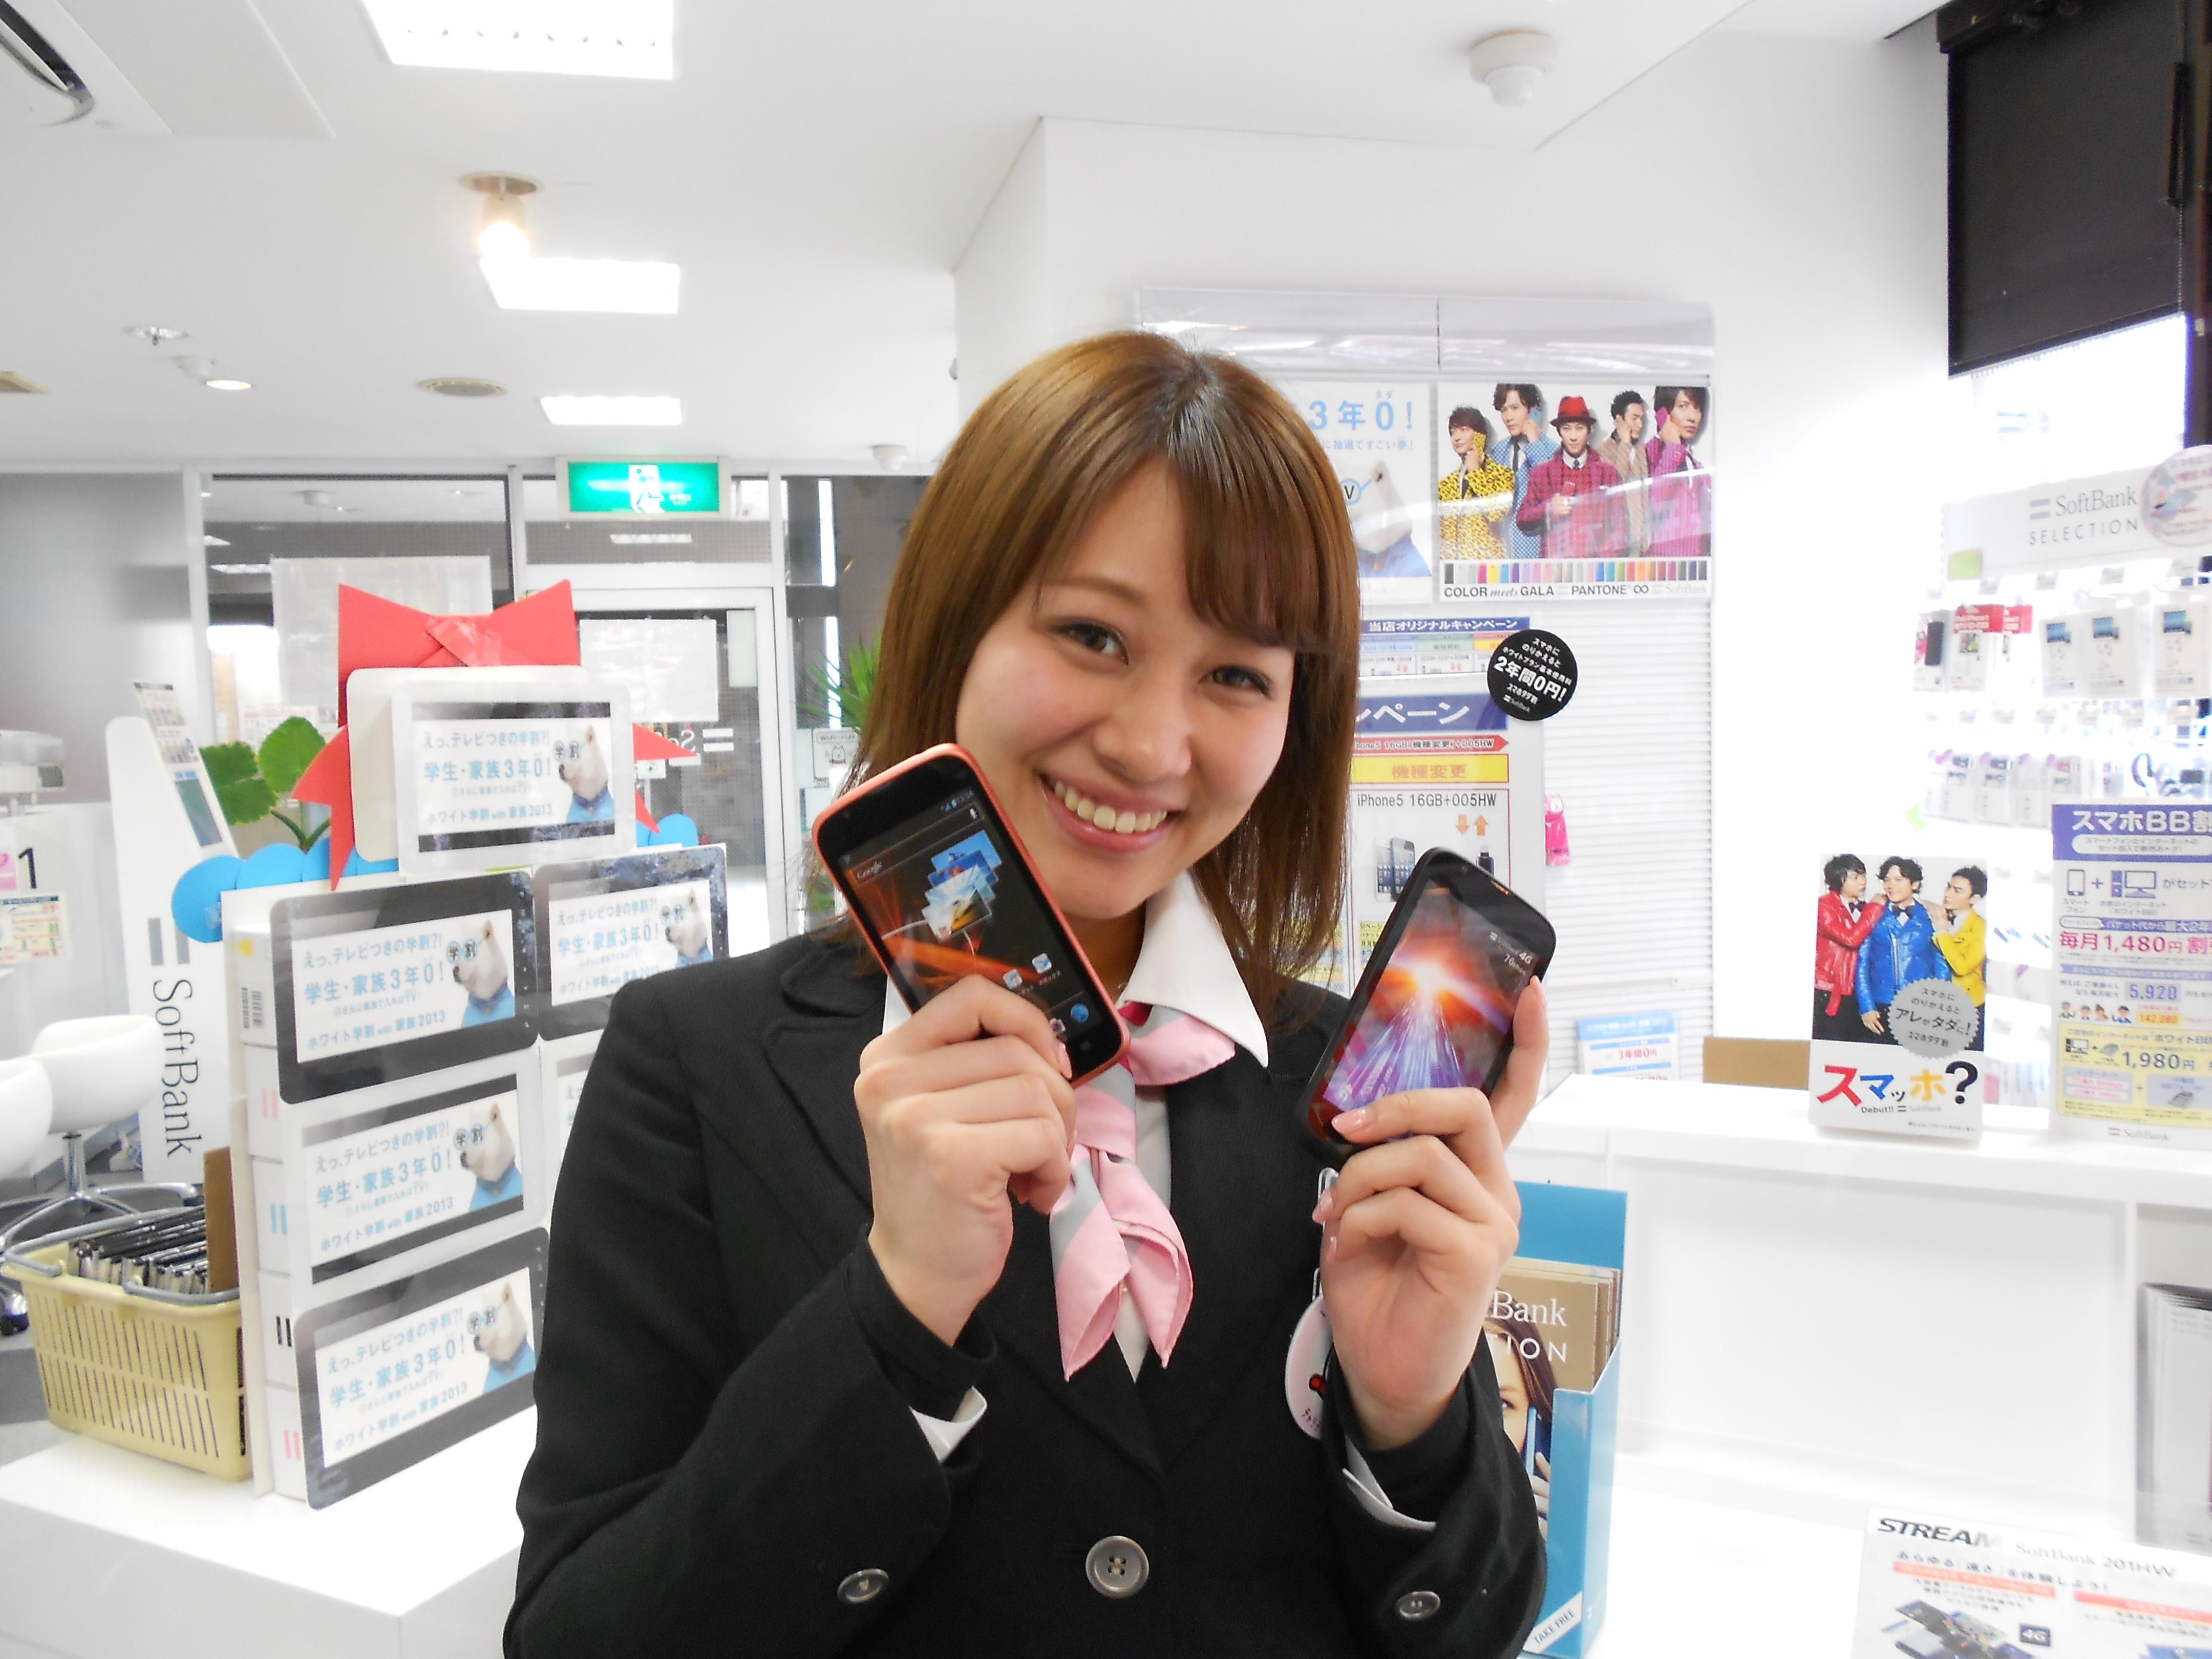 ソフトバンク 四日市羽津(株式会社シエロ)のアルバイト情報